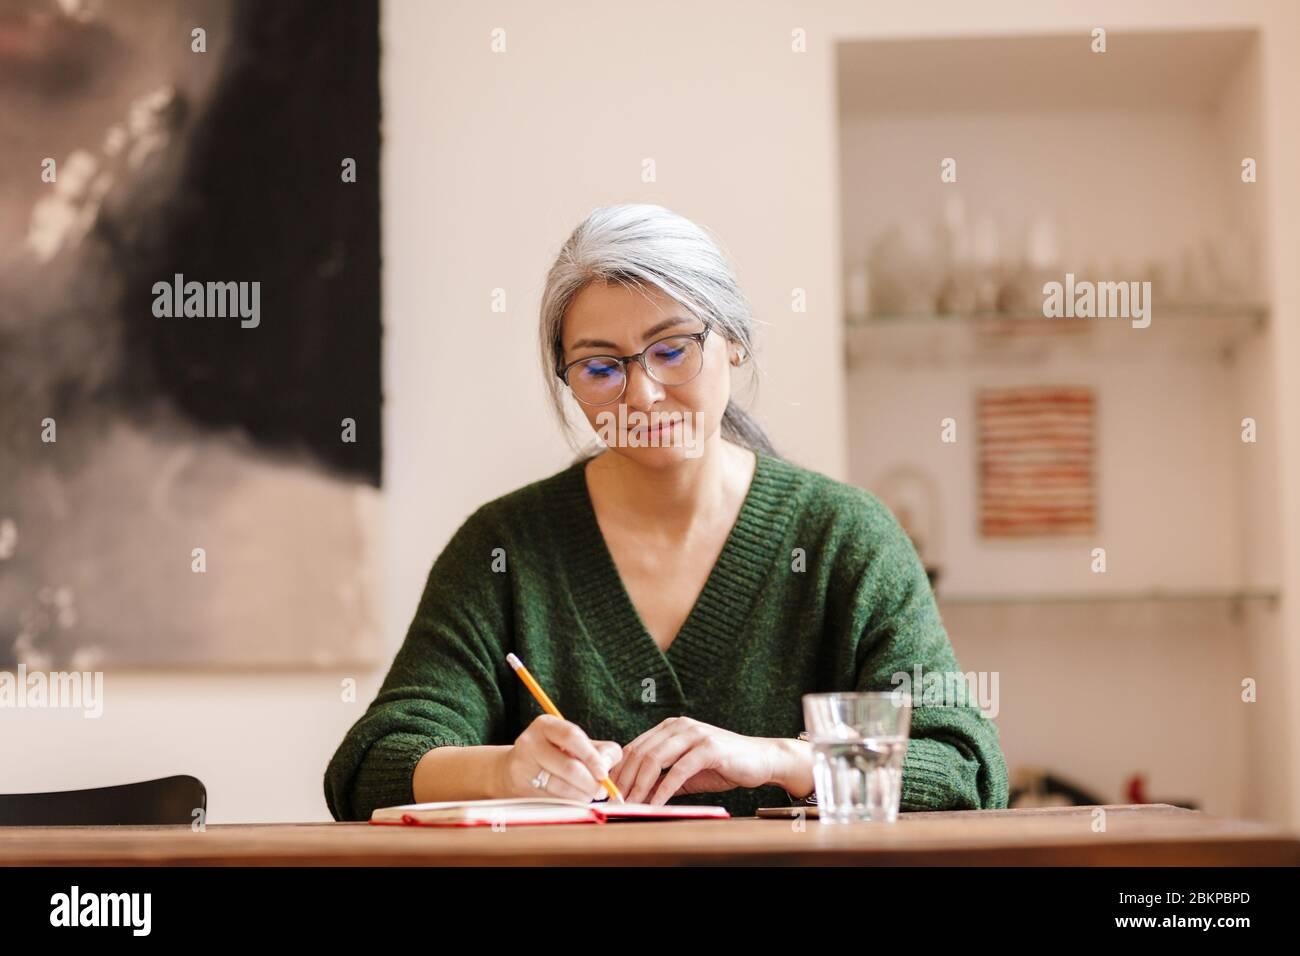 Foto de mujer madura optimista concentrada hermosa de pelo gris en interiores escribir notas. Foto de stock